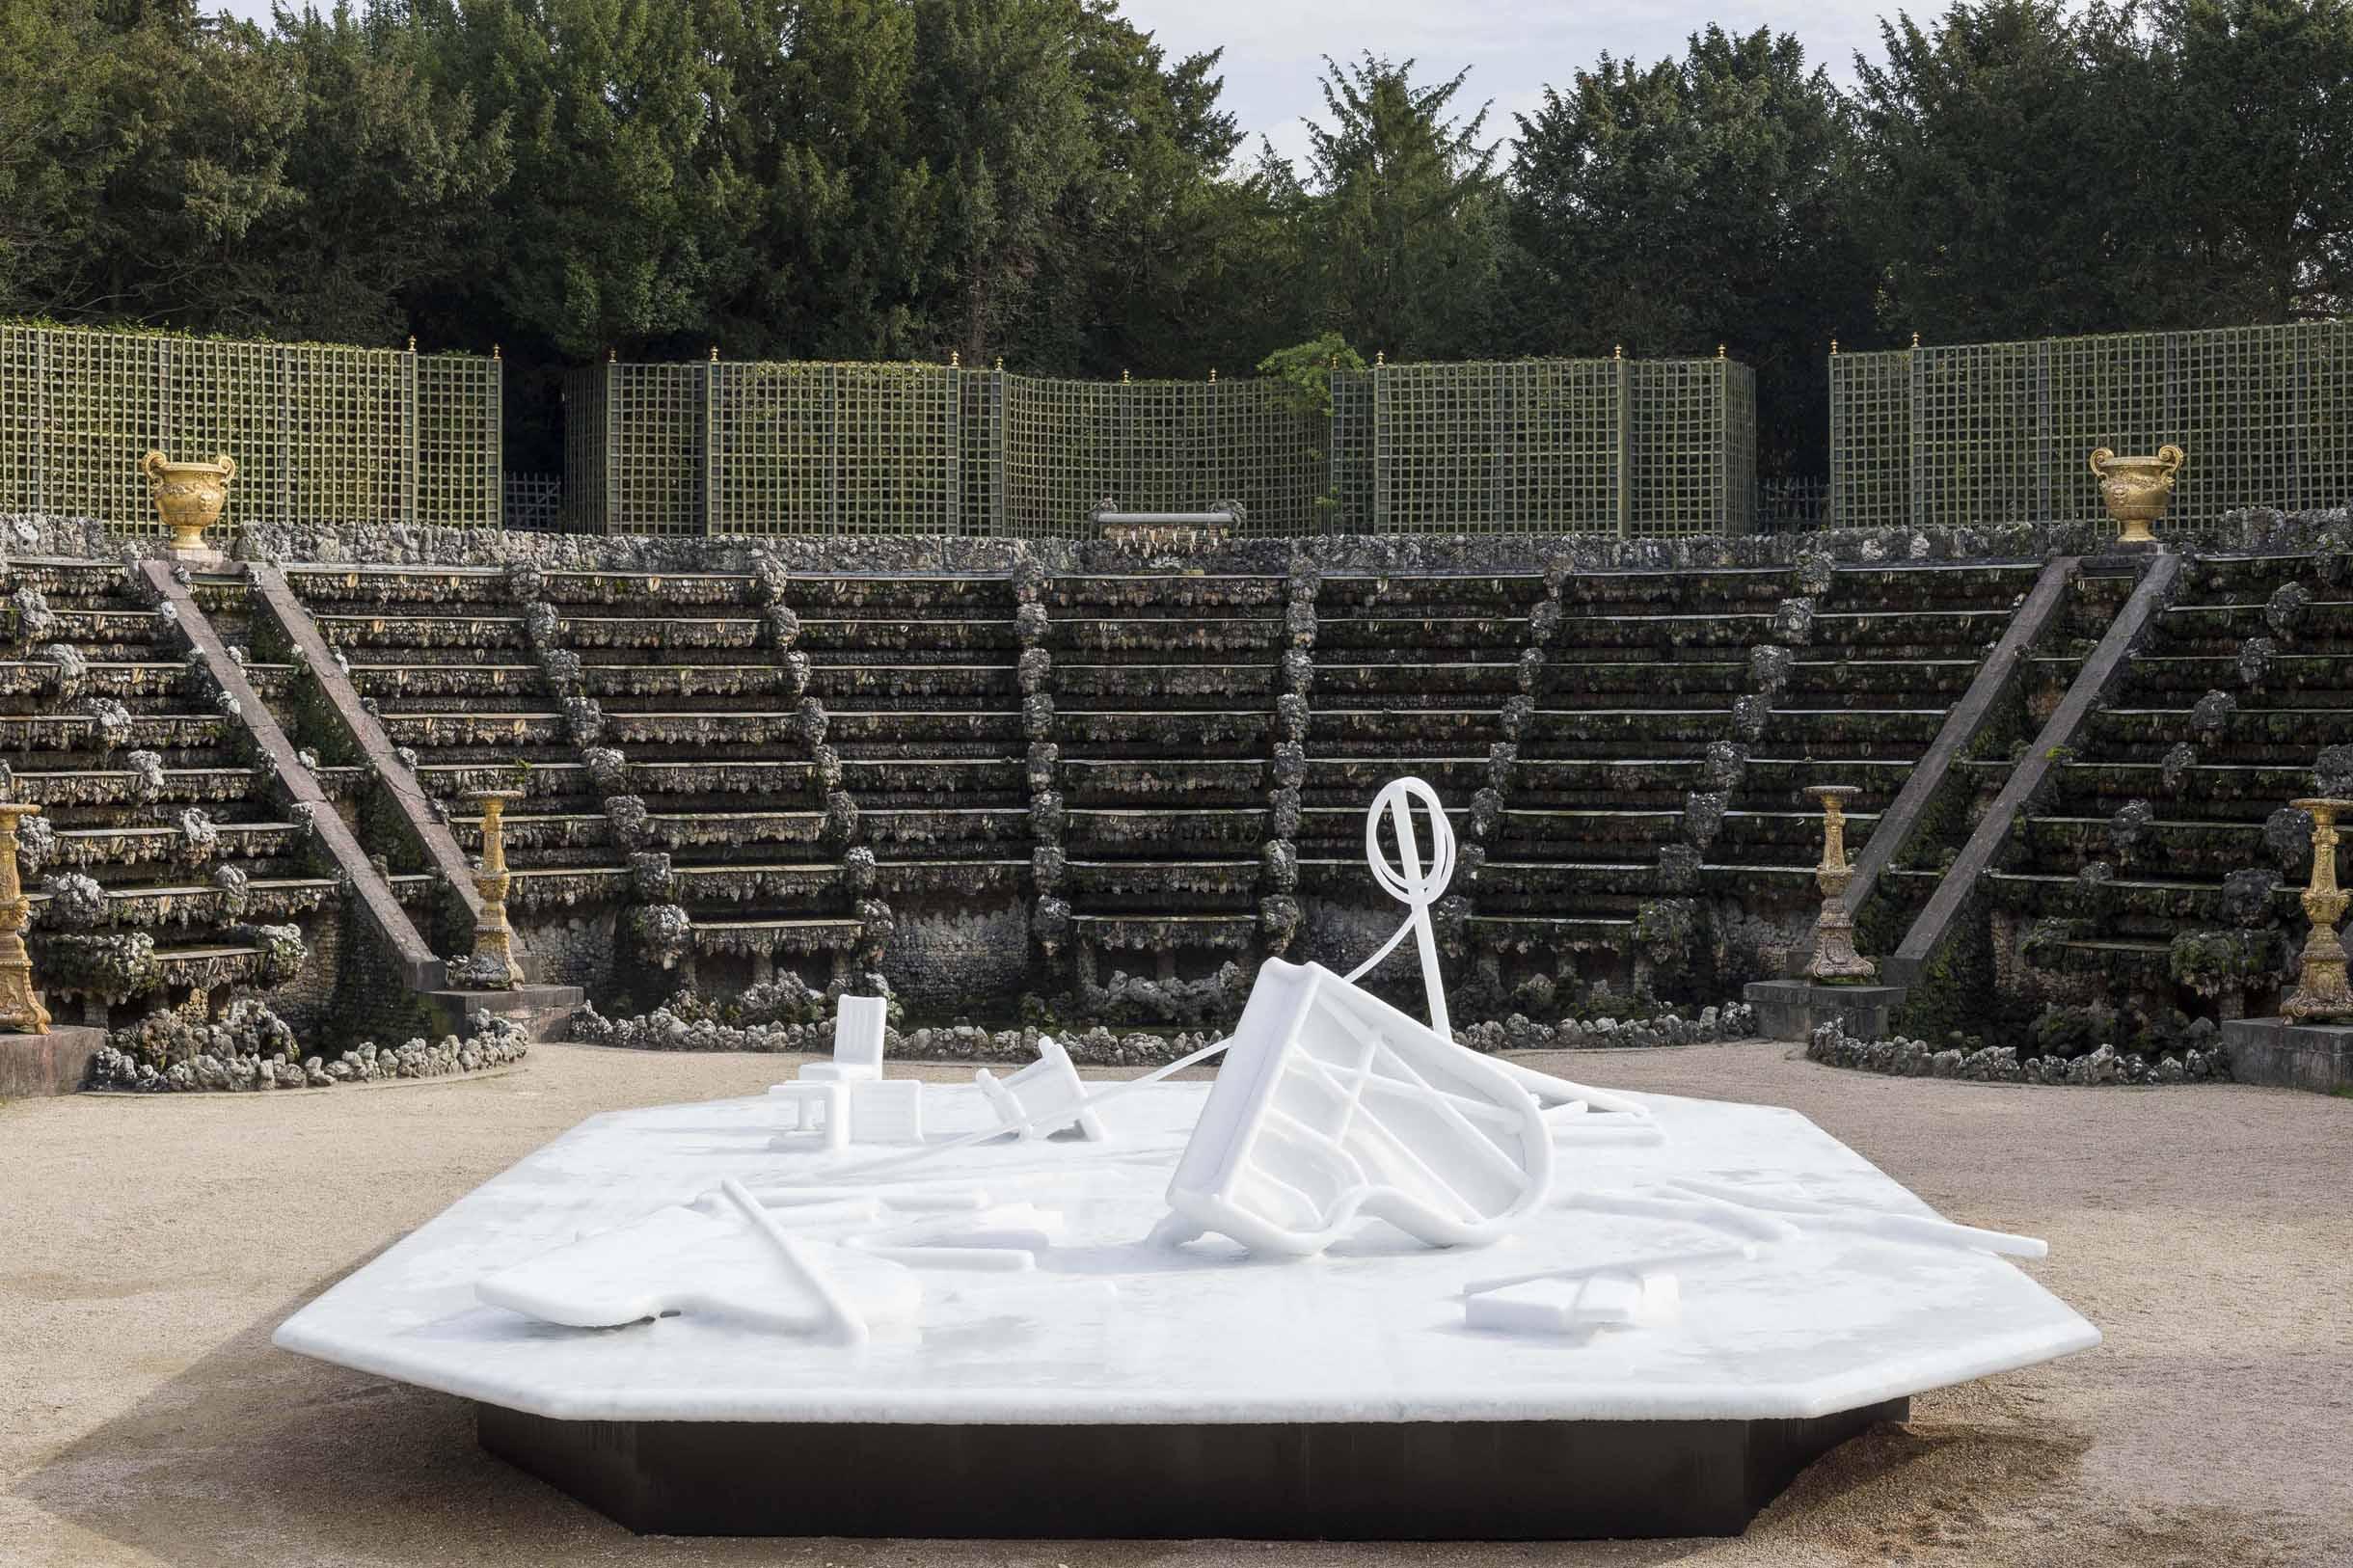 Stéphane Thidet, Bruit Blanc, 2017 Acier, givre Courtesy Aline Vidal (Paris) et Galerie Laurence Bernard (Genève)